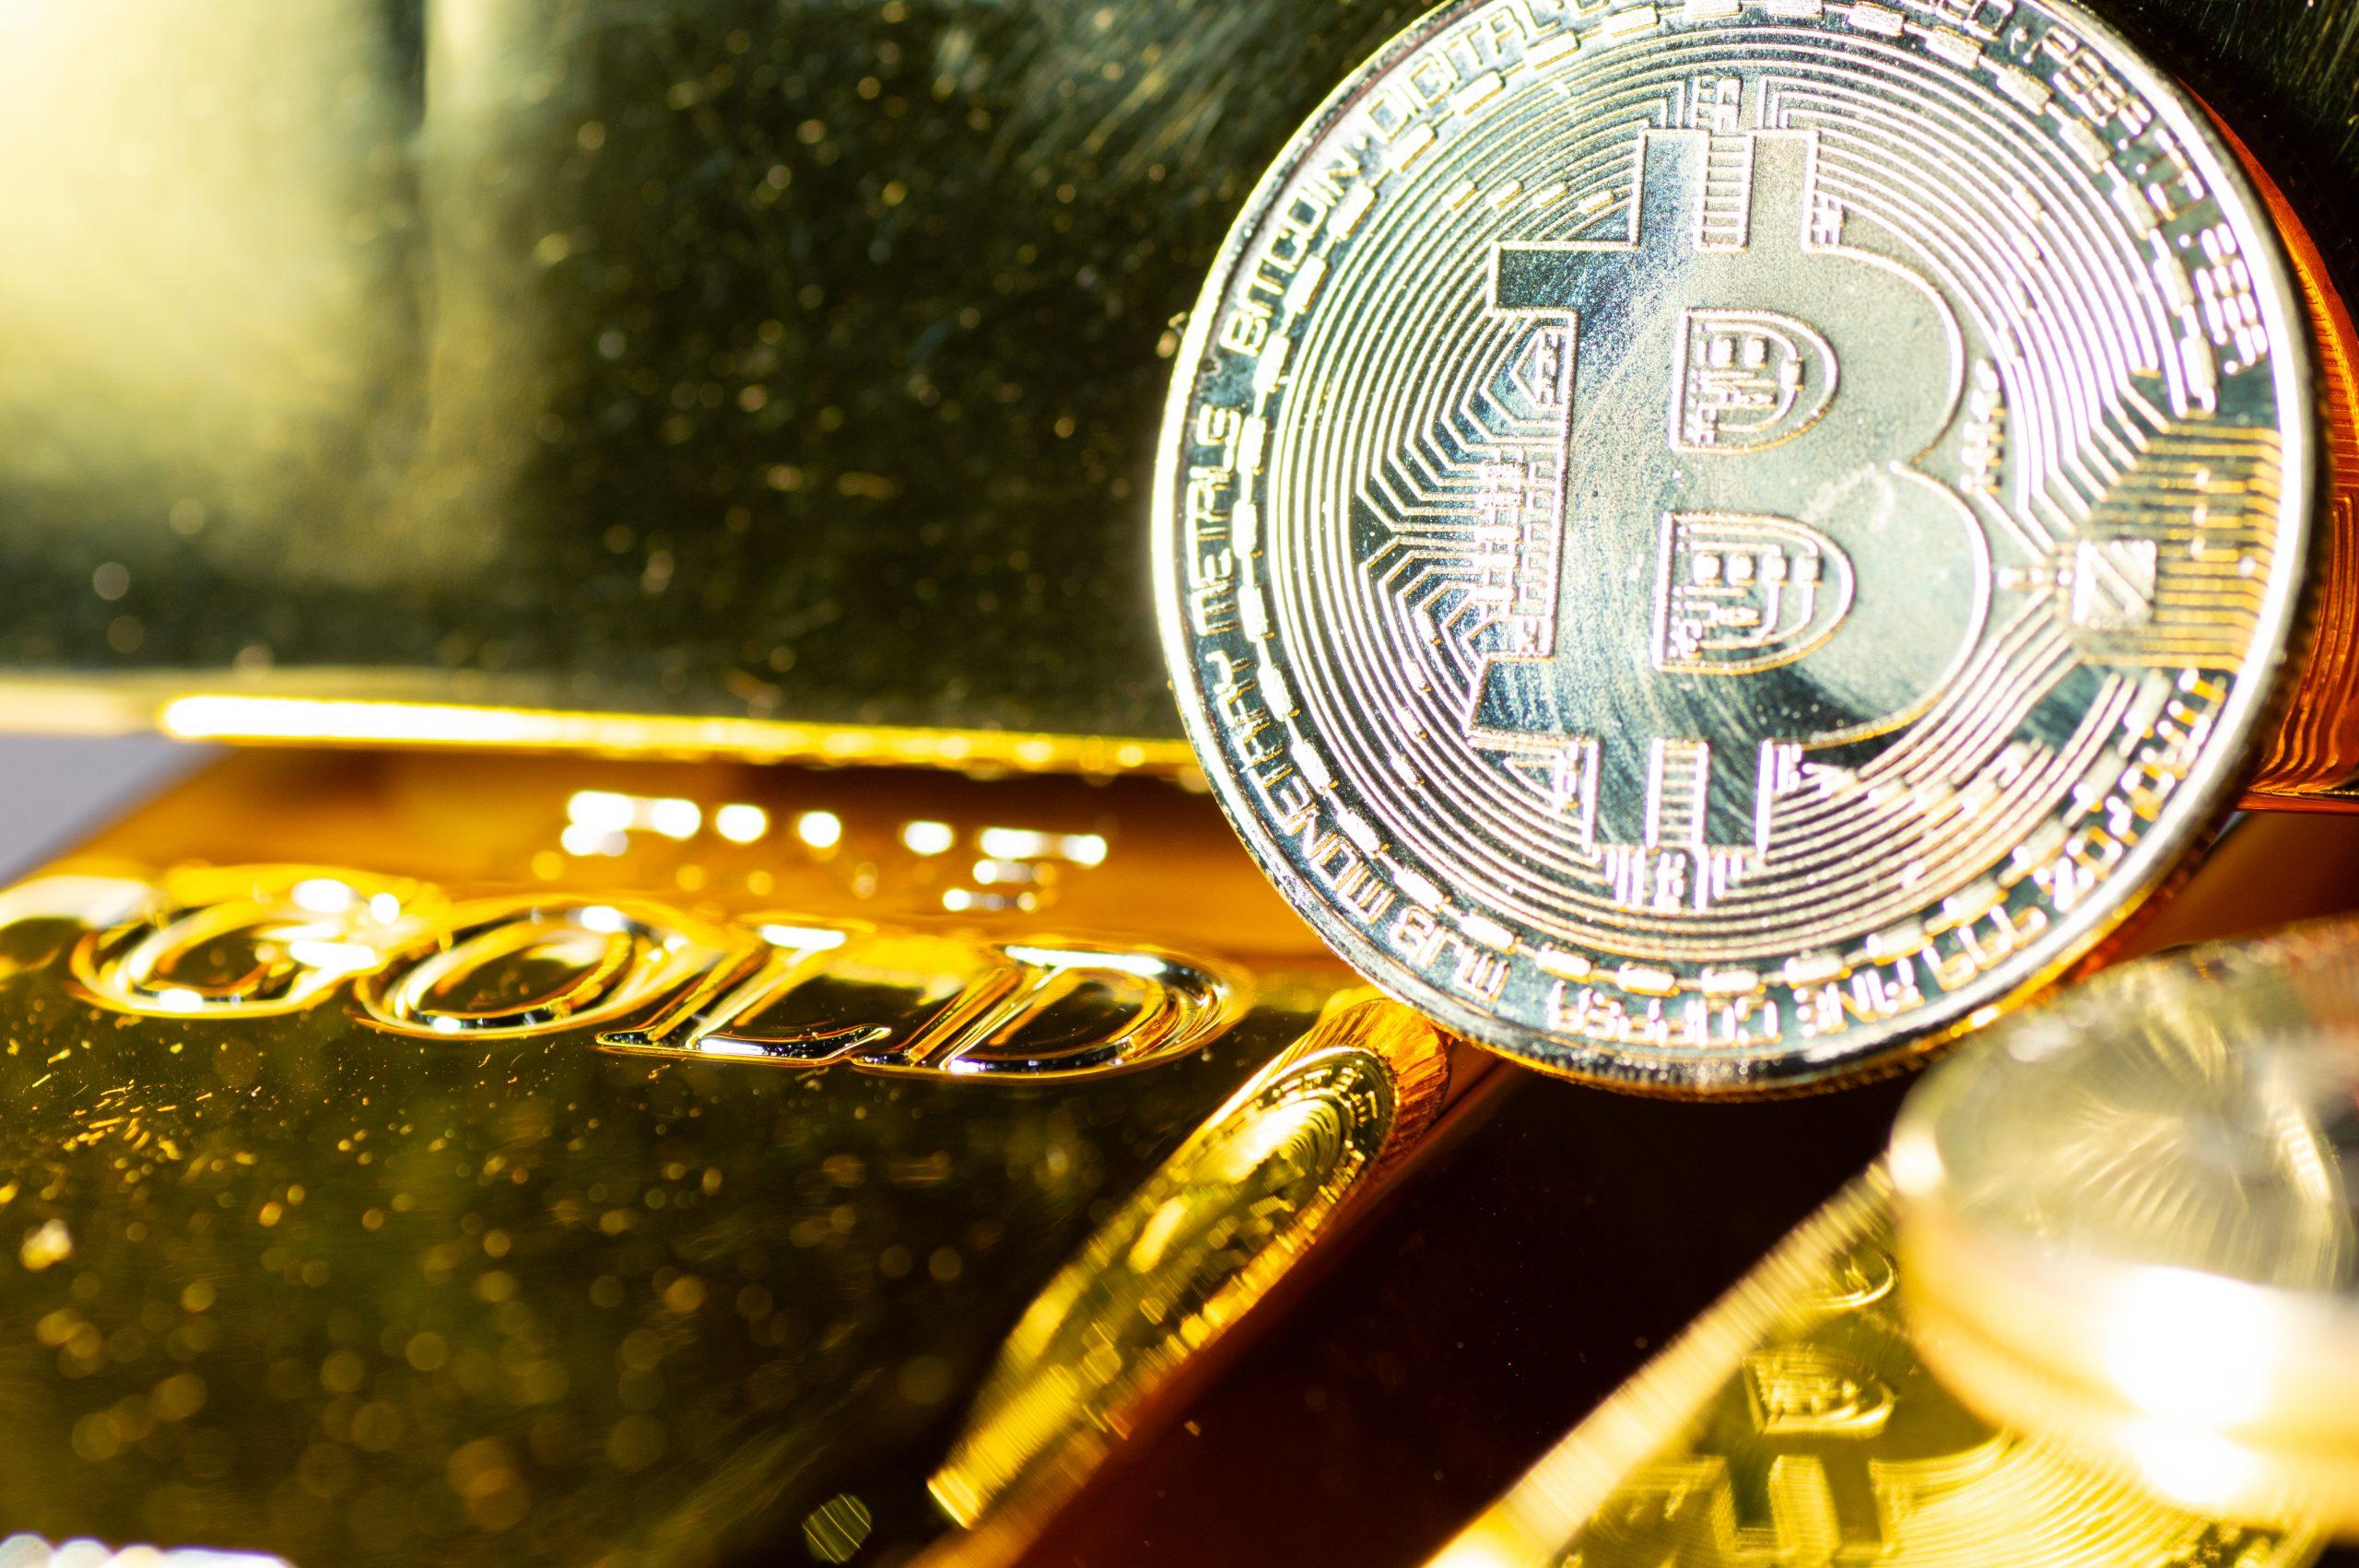 bitcoin digital gold narrative